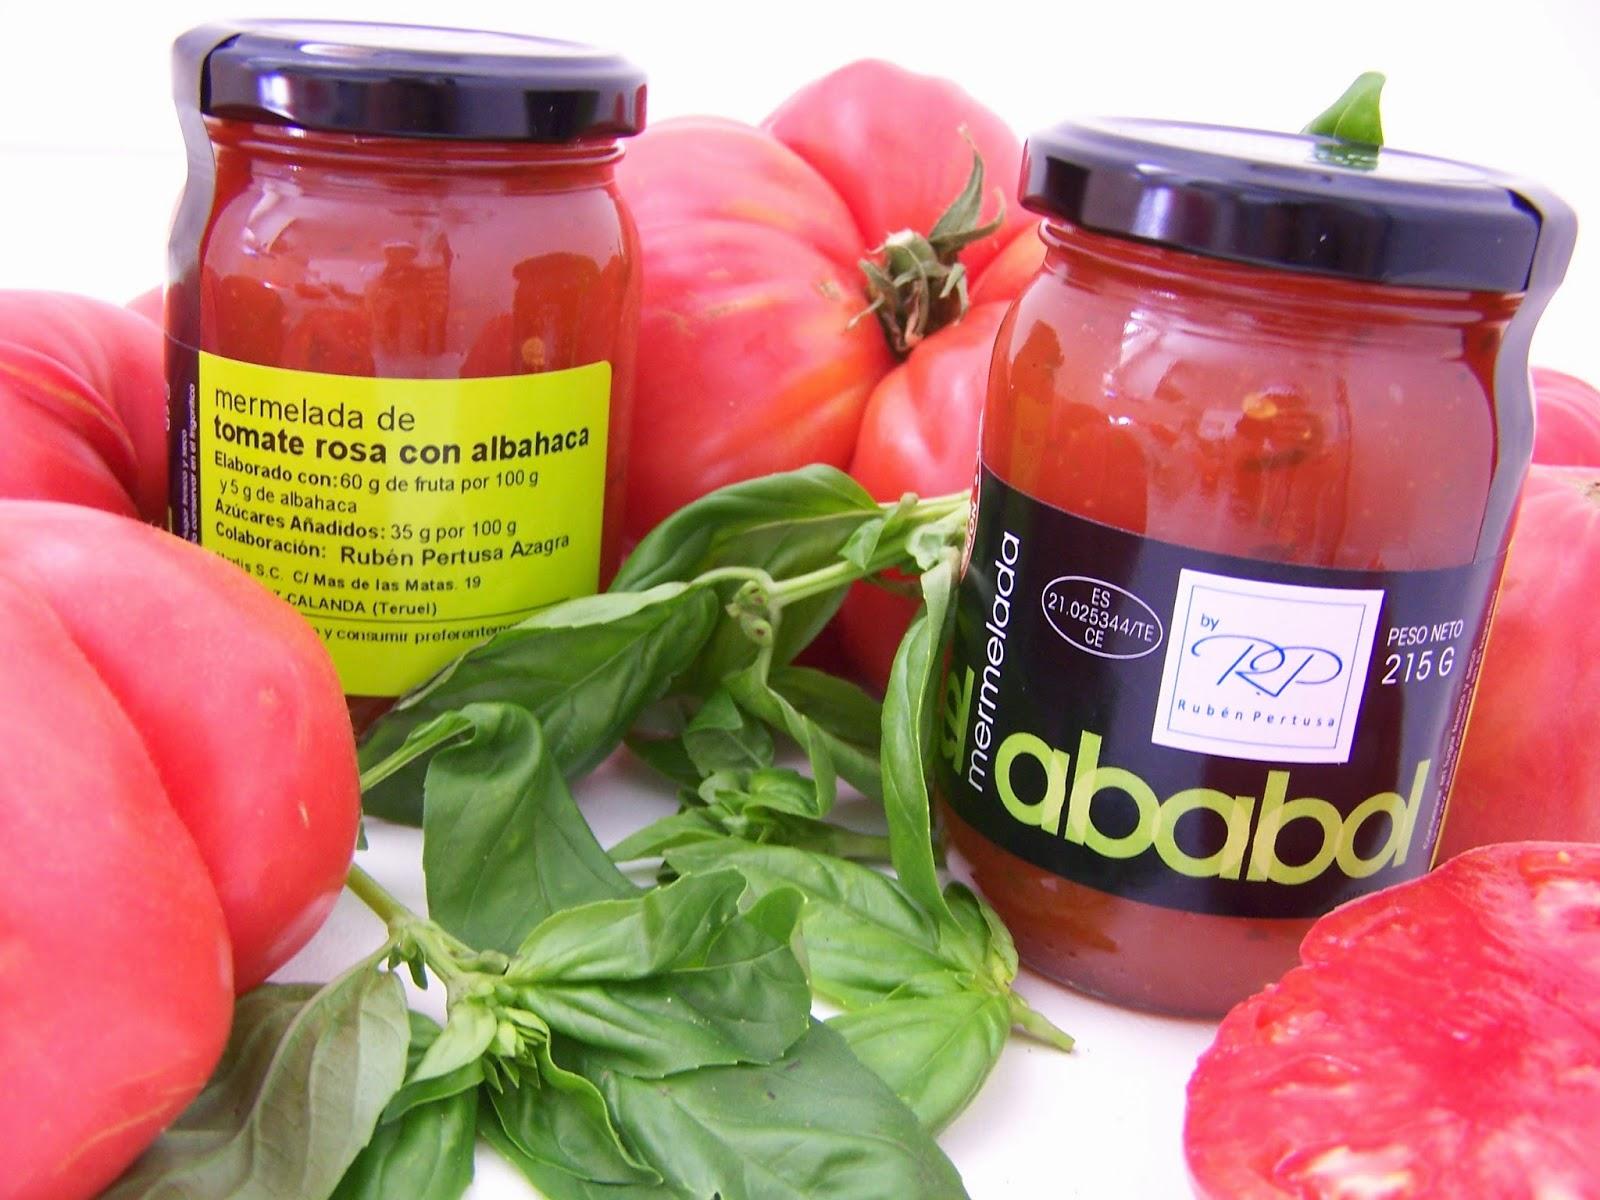 Mermelada el ababol de tomate rosa con albahaca